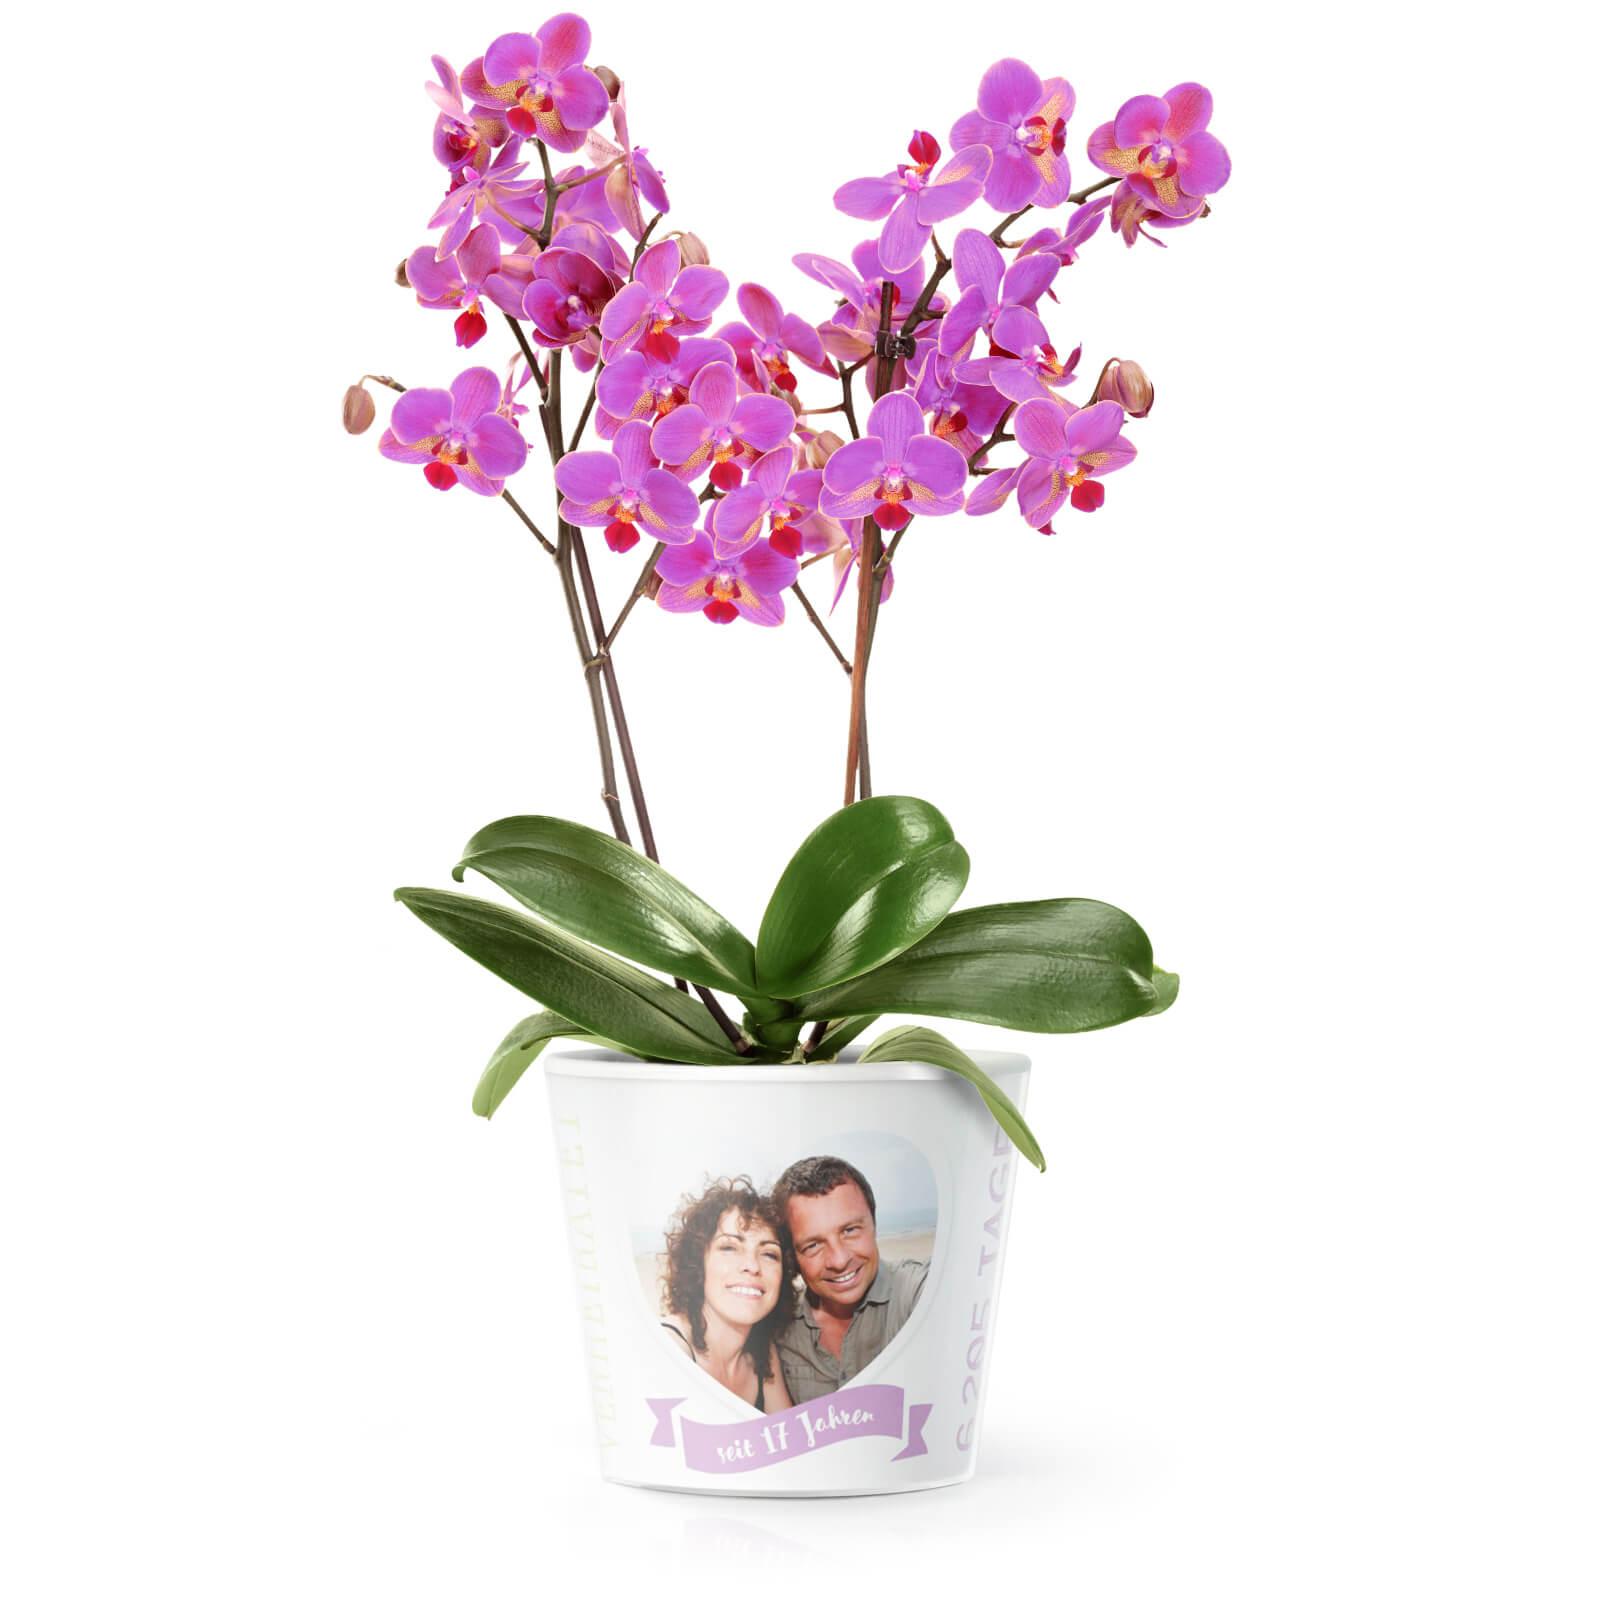 17 Hochzeitstag Orchideenhochzeit Blumentopf Von Myfacepot